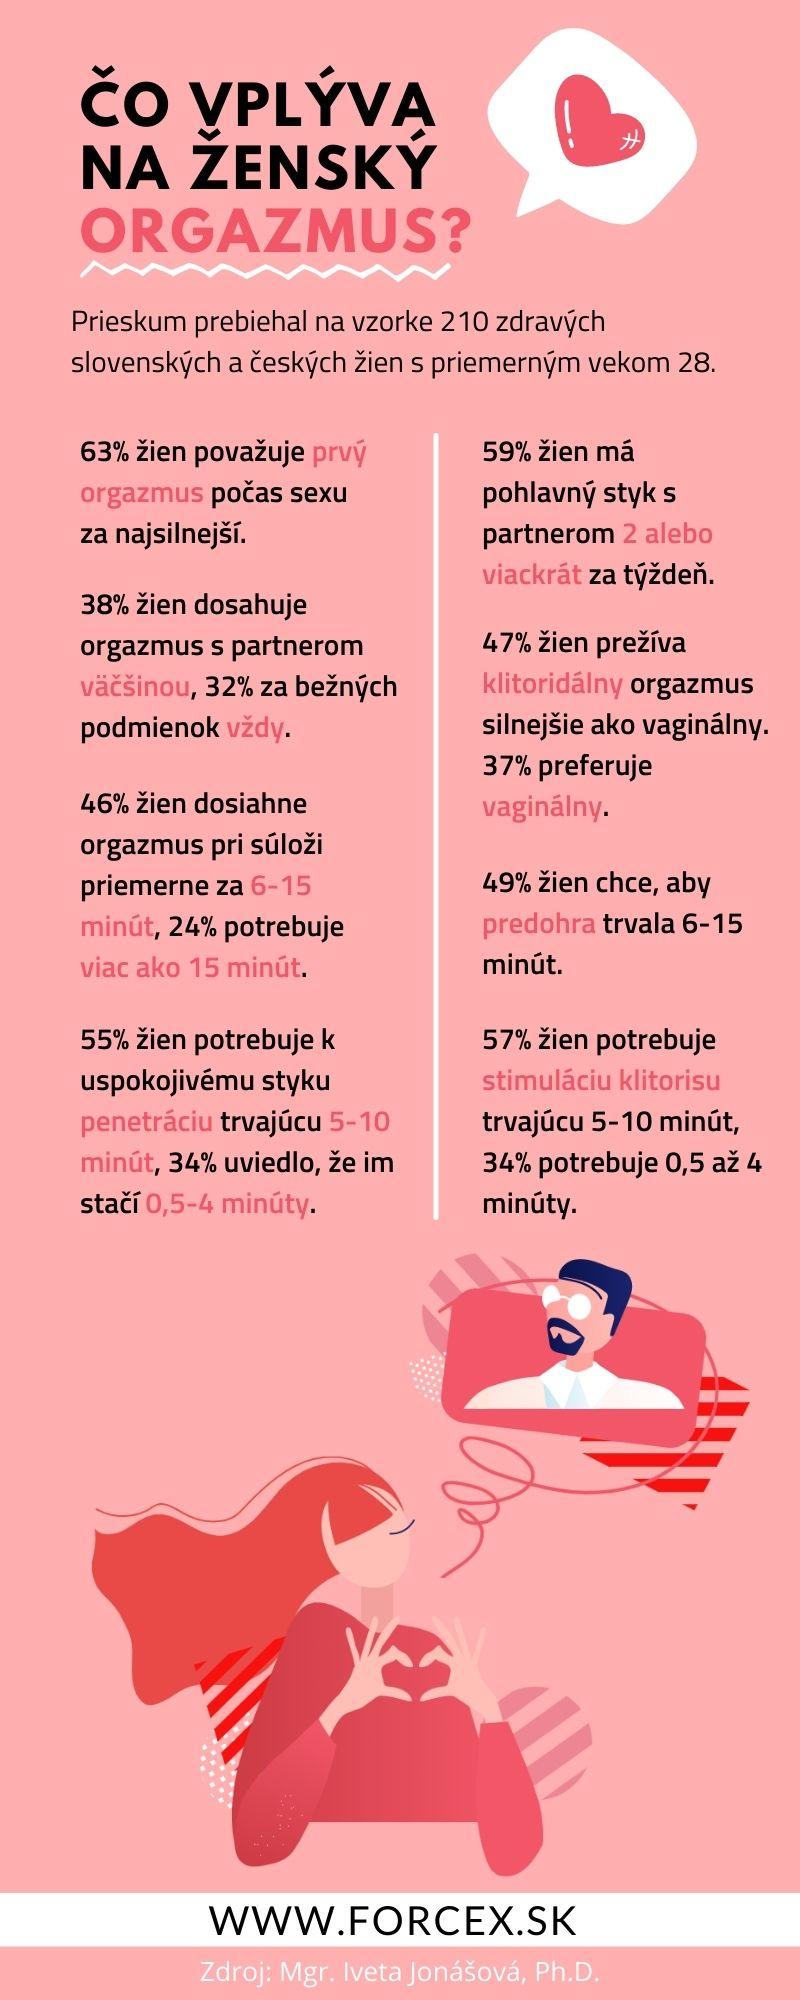 Infografika so štatistikami - čo vplýva na ženský orgazmus? Aké praktiky ženy potrebujú na dosiahnutie orgazmu?